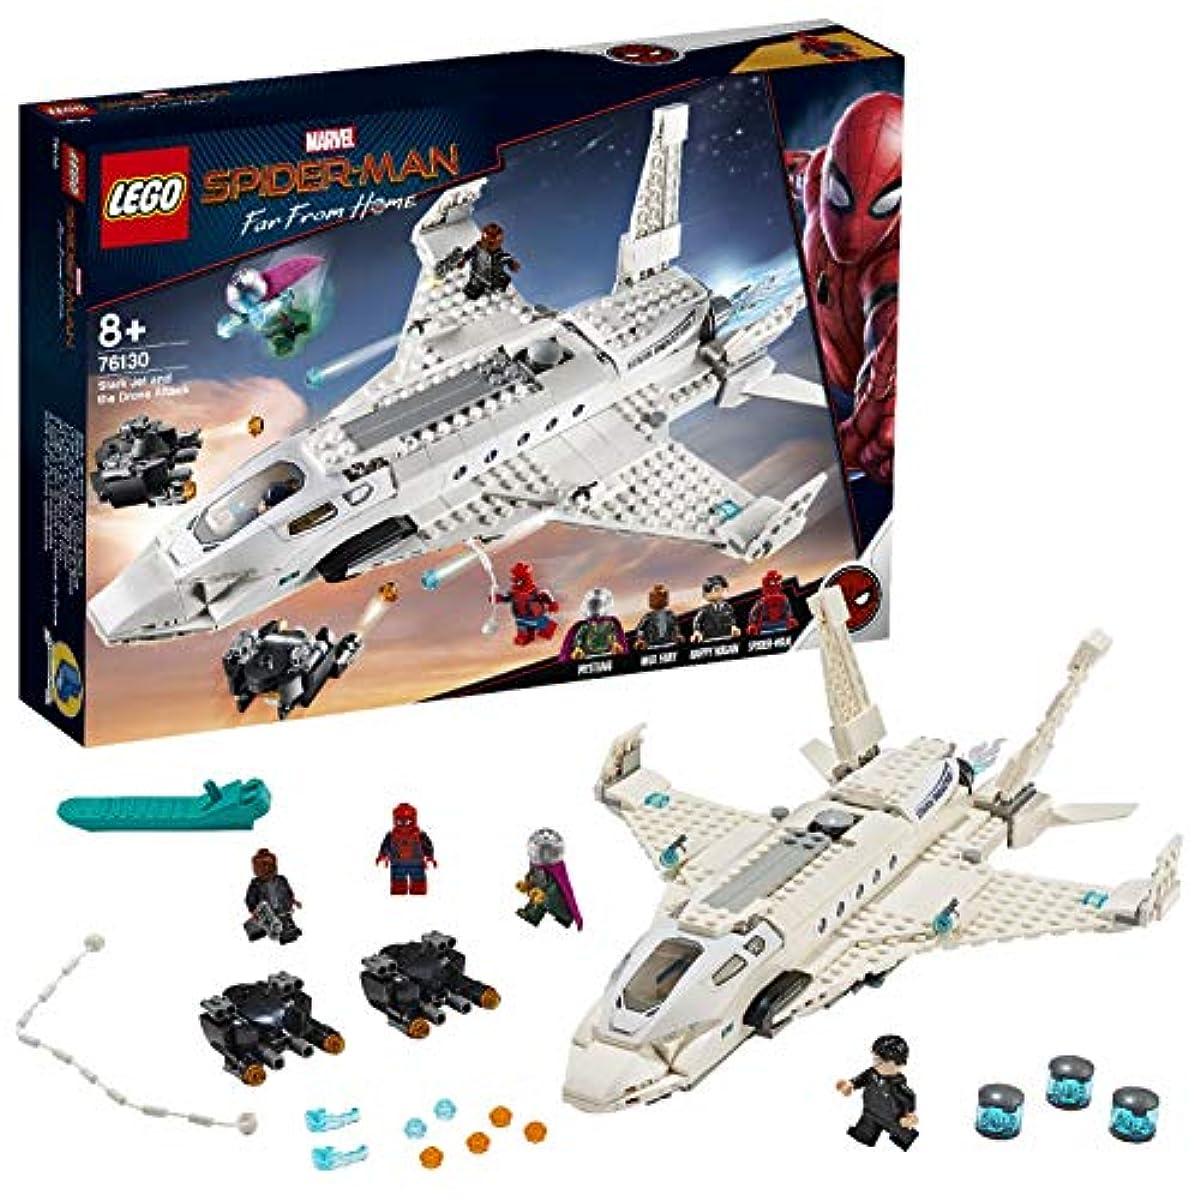 [해외] 레고(LEGO) 슈퍼히어로즈 파프롬홈 스타크제트와 드론 공격 76130